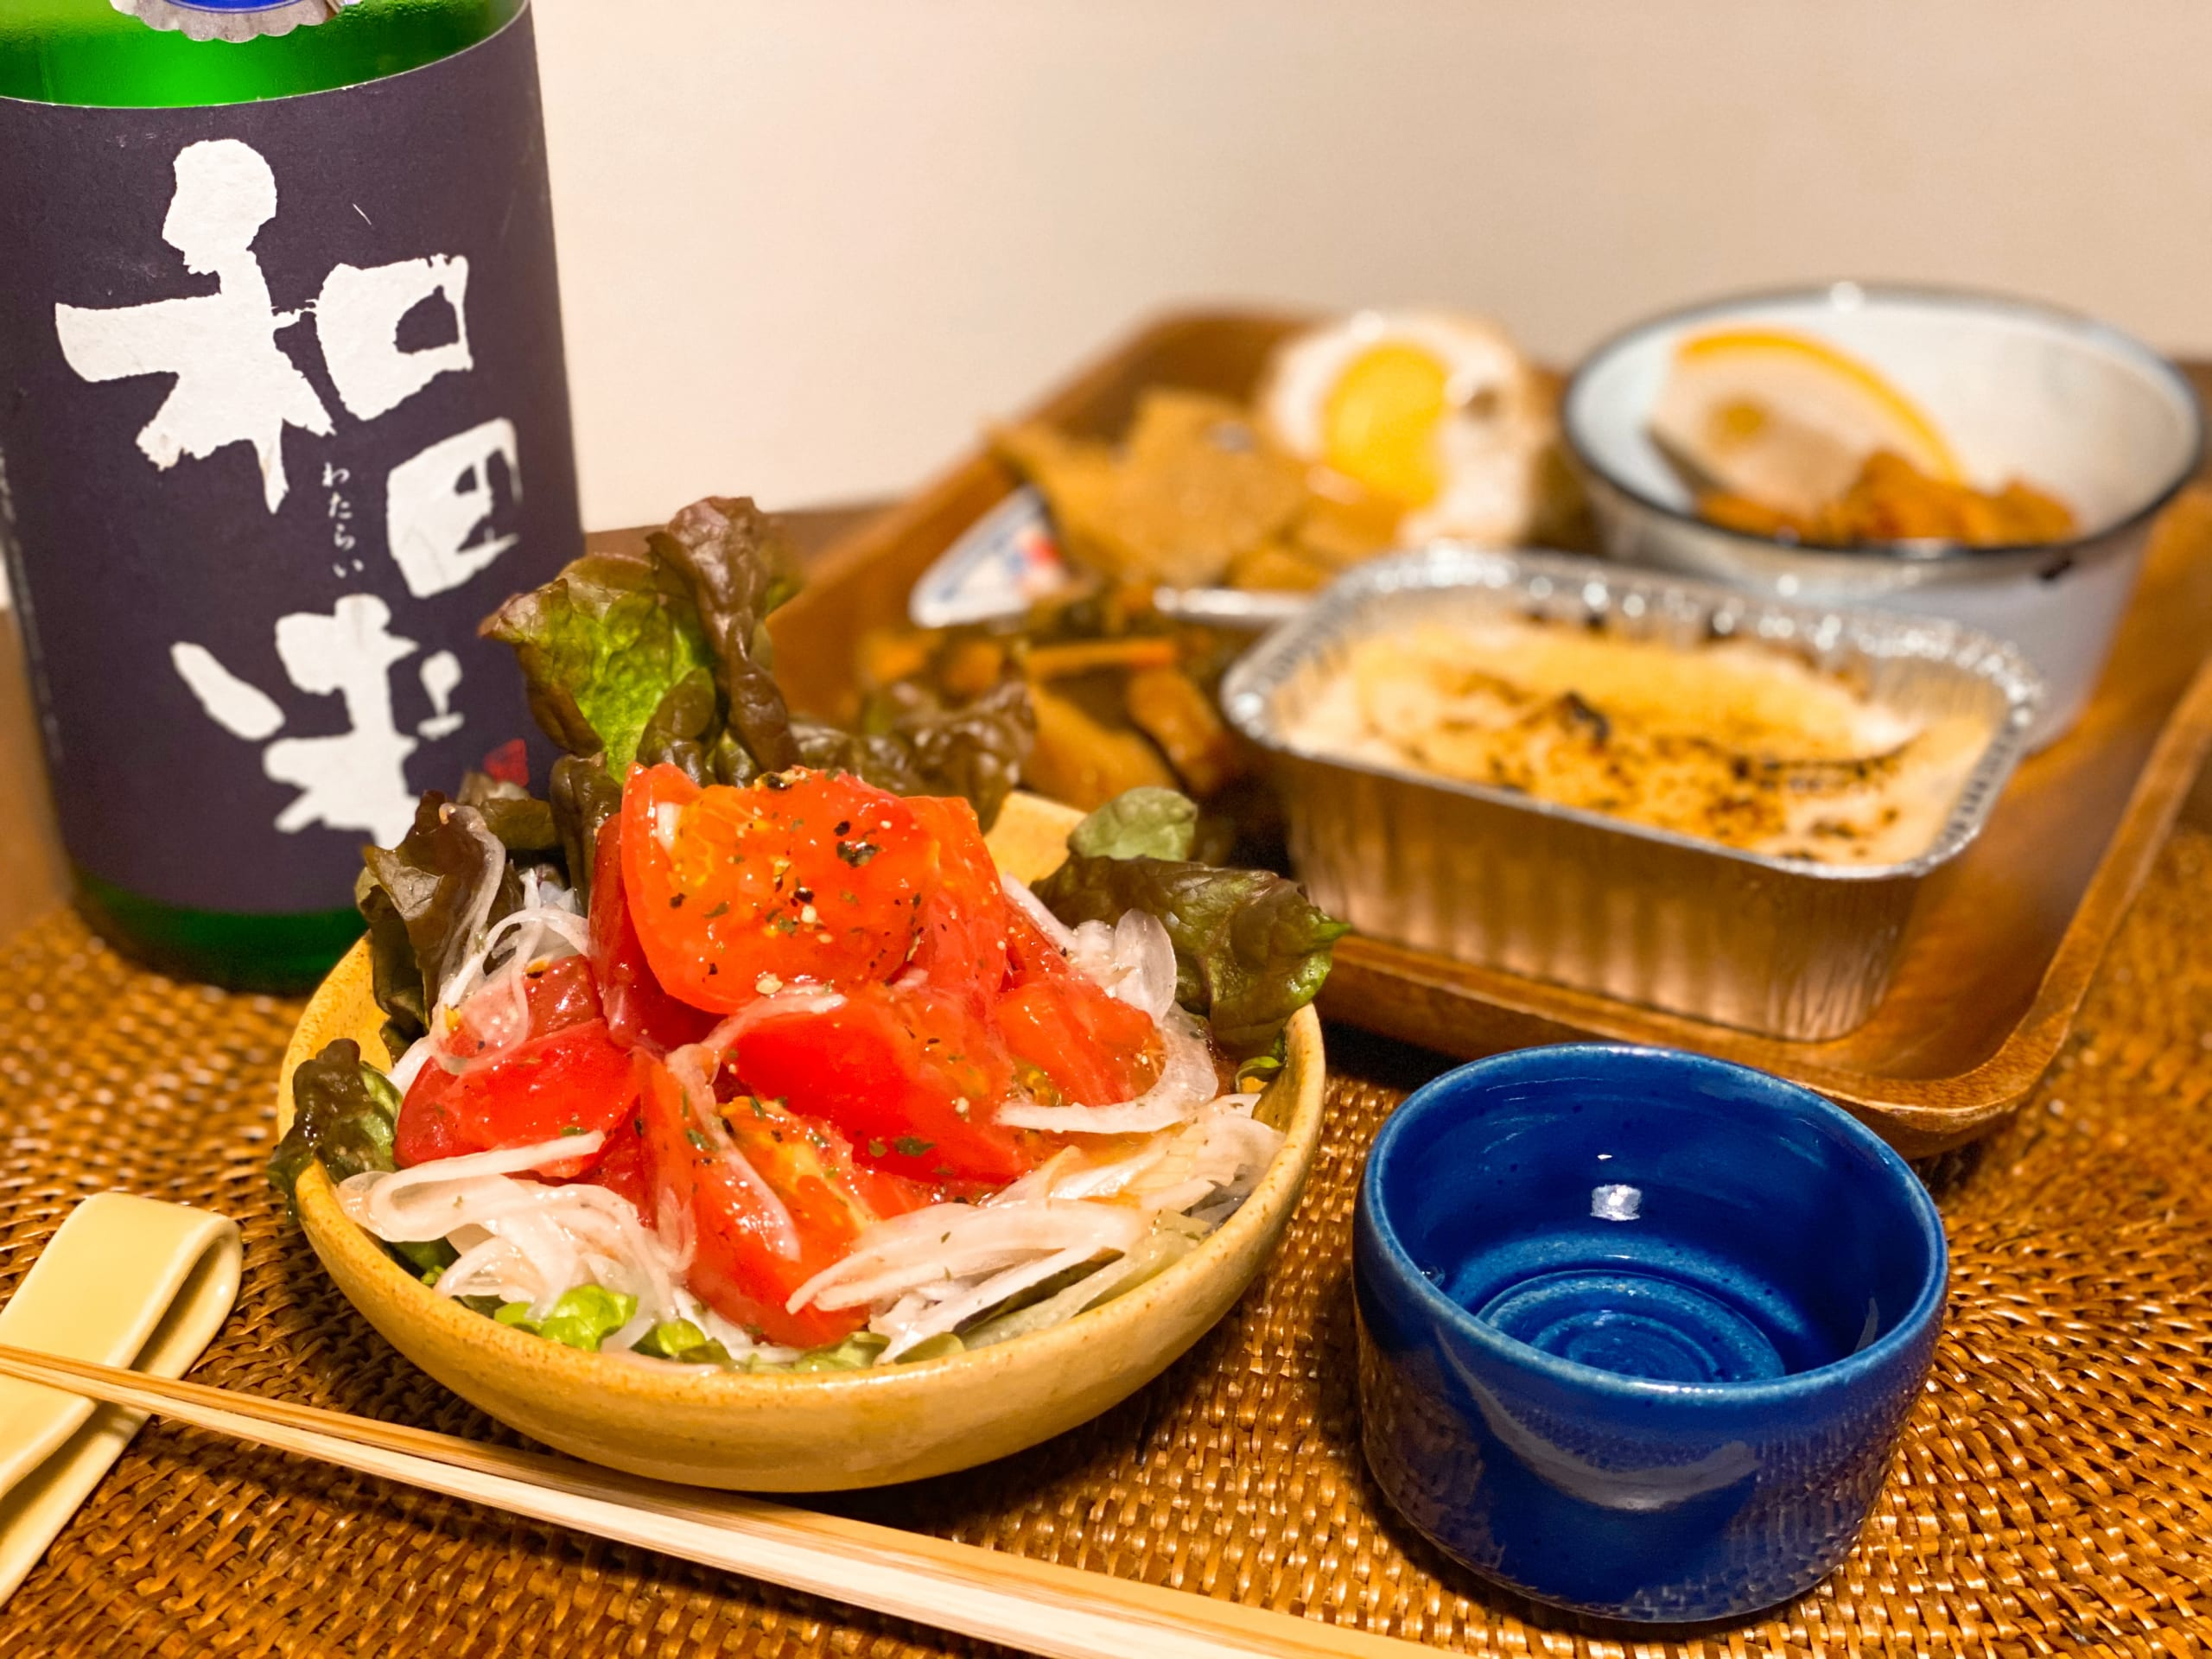 白子玉ねぎと井上さんちのトマトのサラダと日本酒をおうちで楽しむ